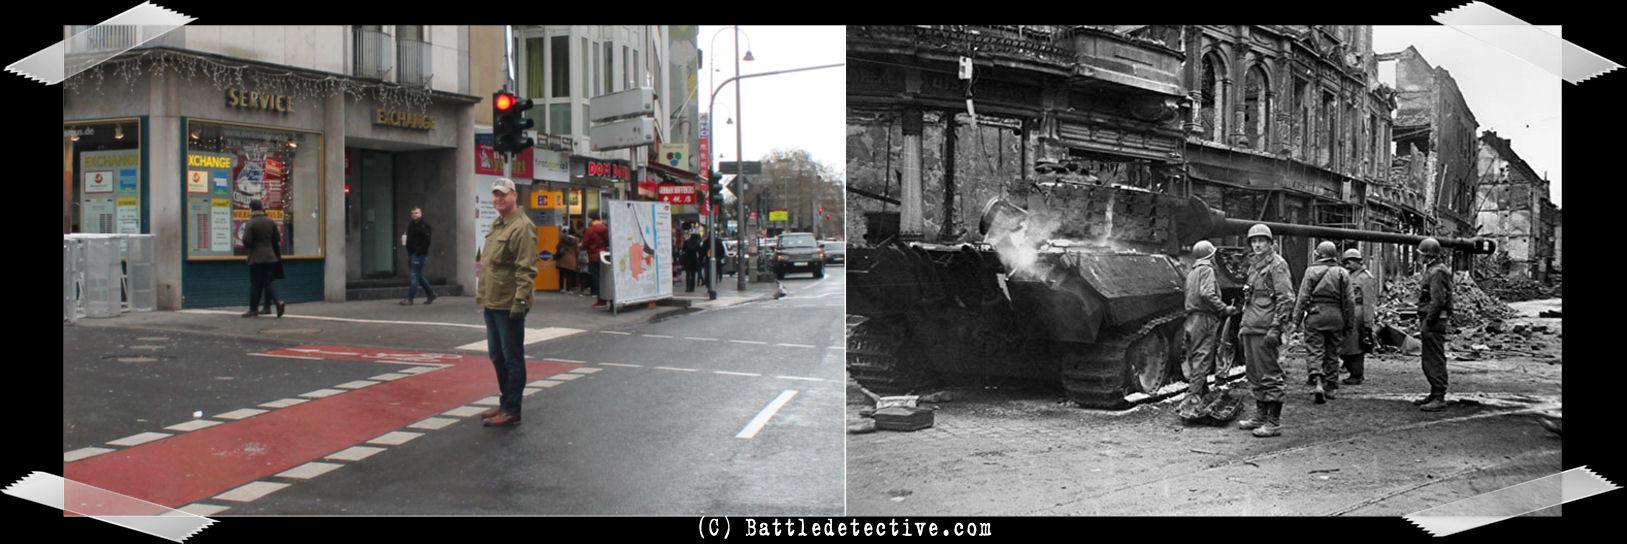 Germany 1945 Tank WW2 Destruction Koln Photo Soldiers